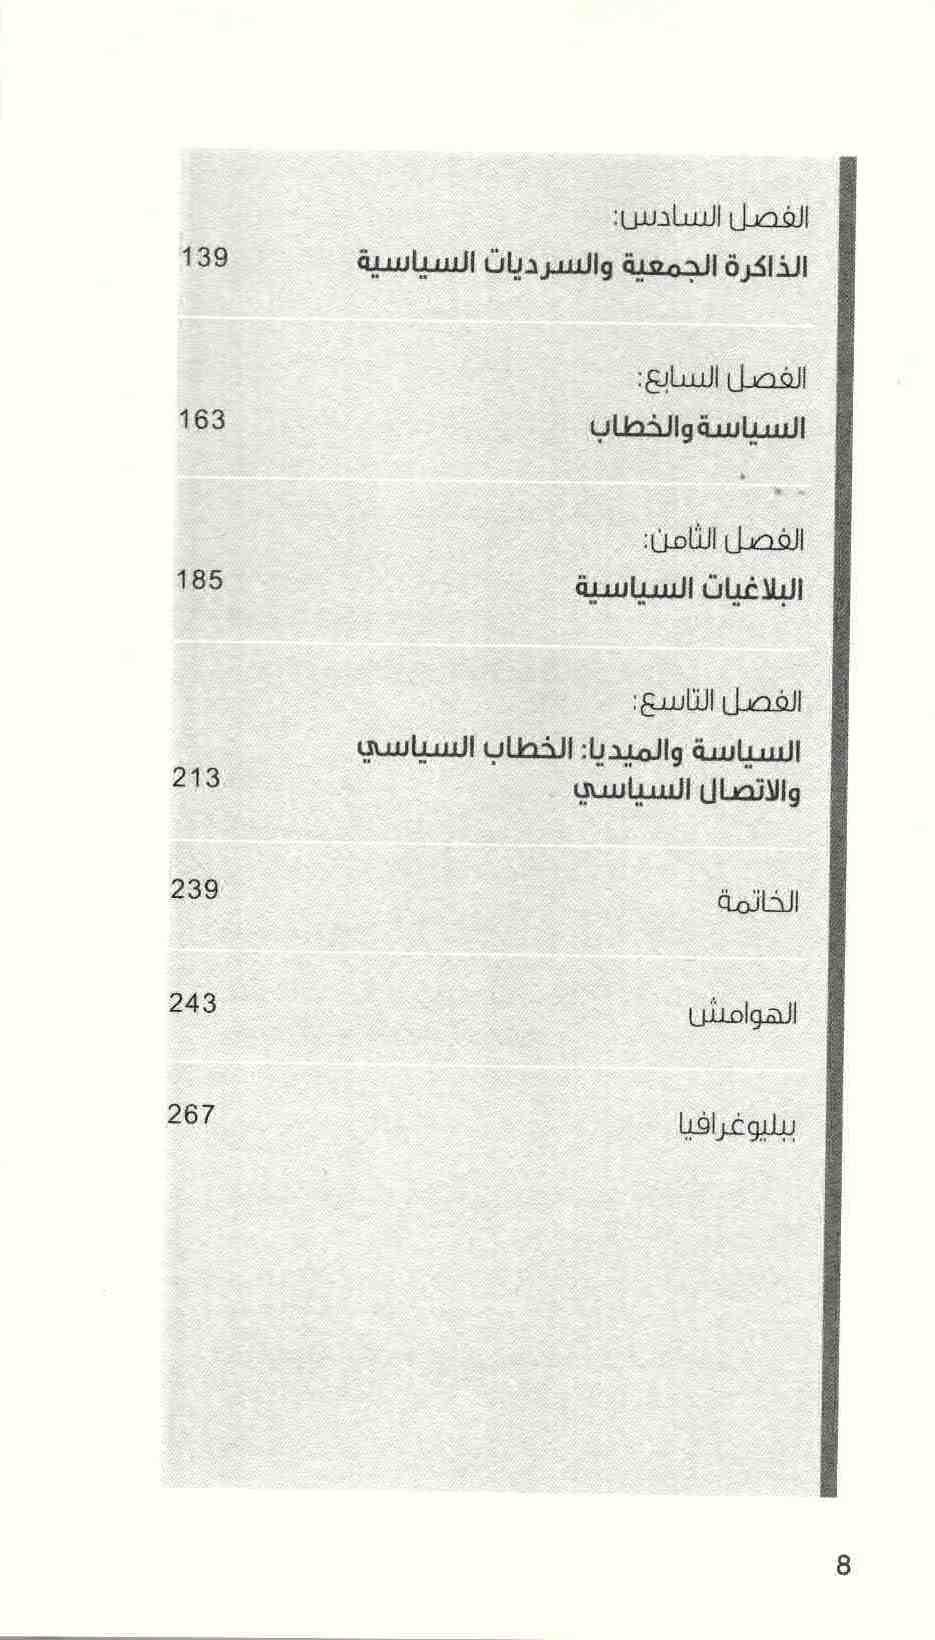 ص 8 محتويات كتاب علم النفس السياسي